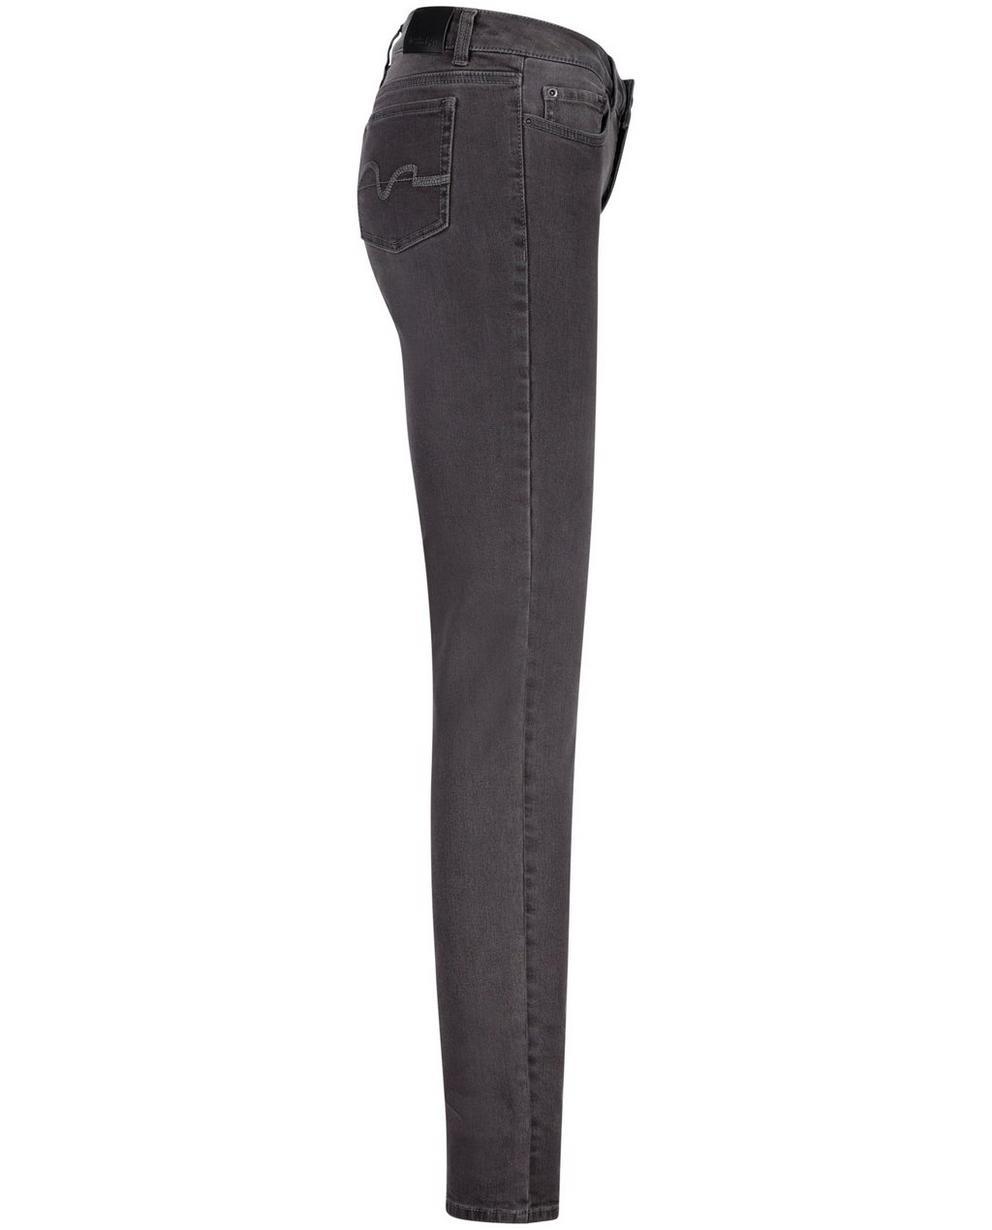 Jeans - black - Jeans slim noir